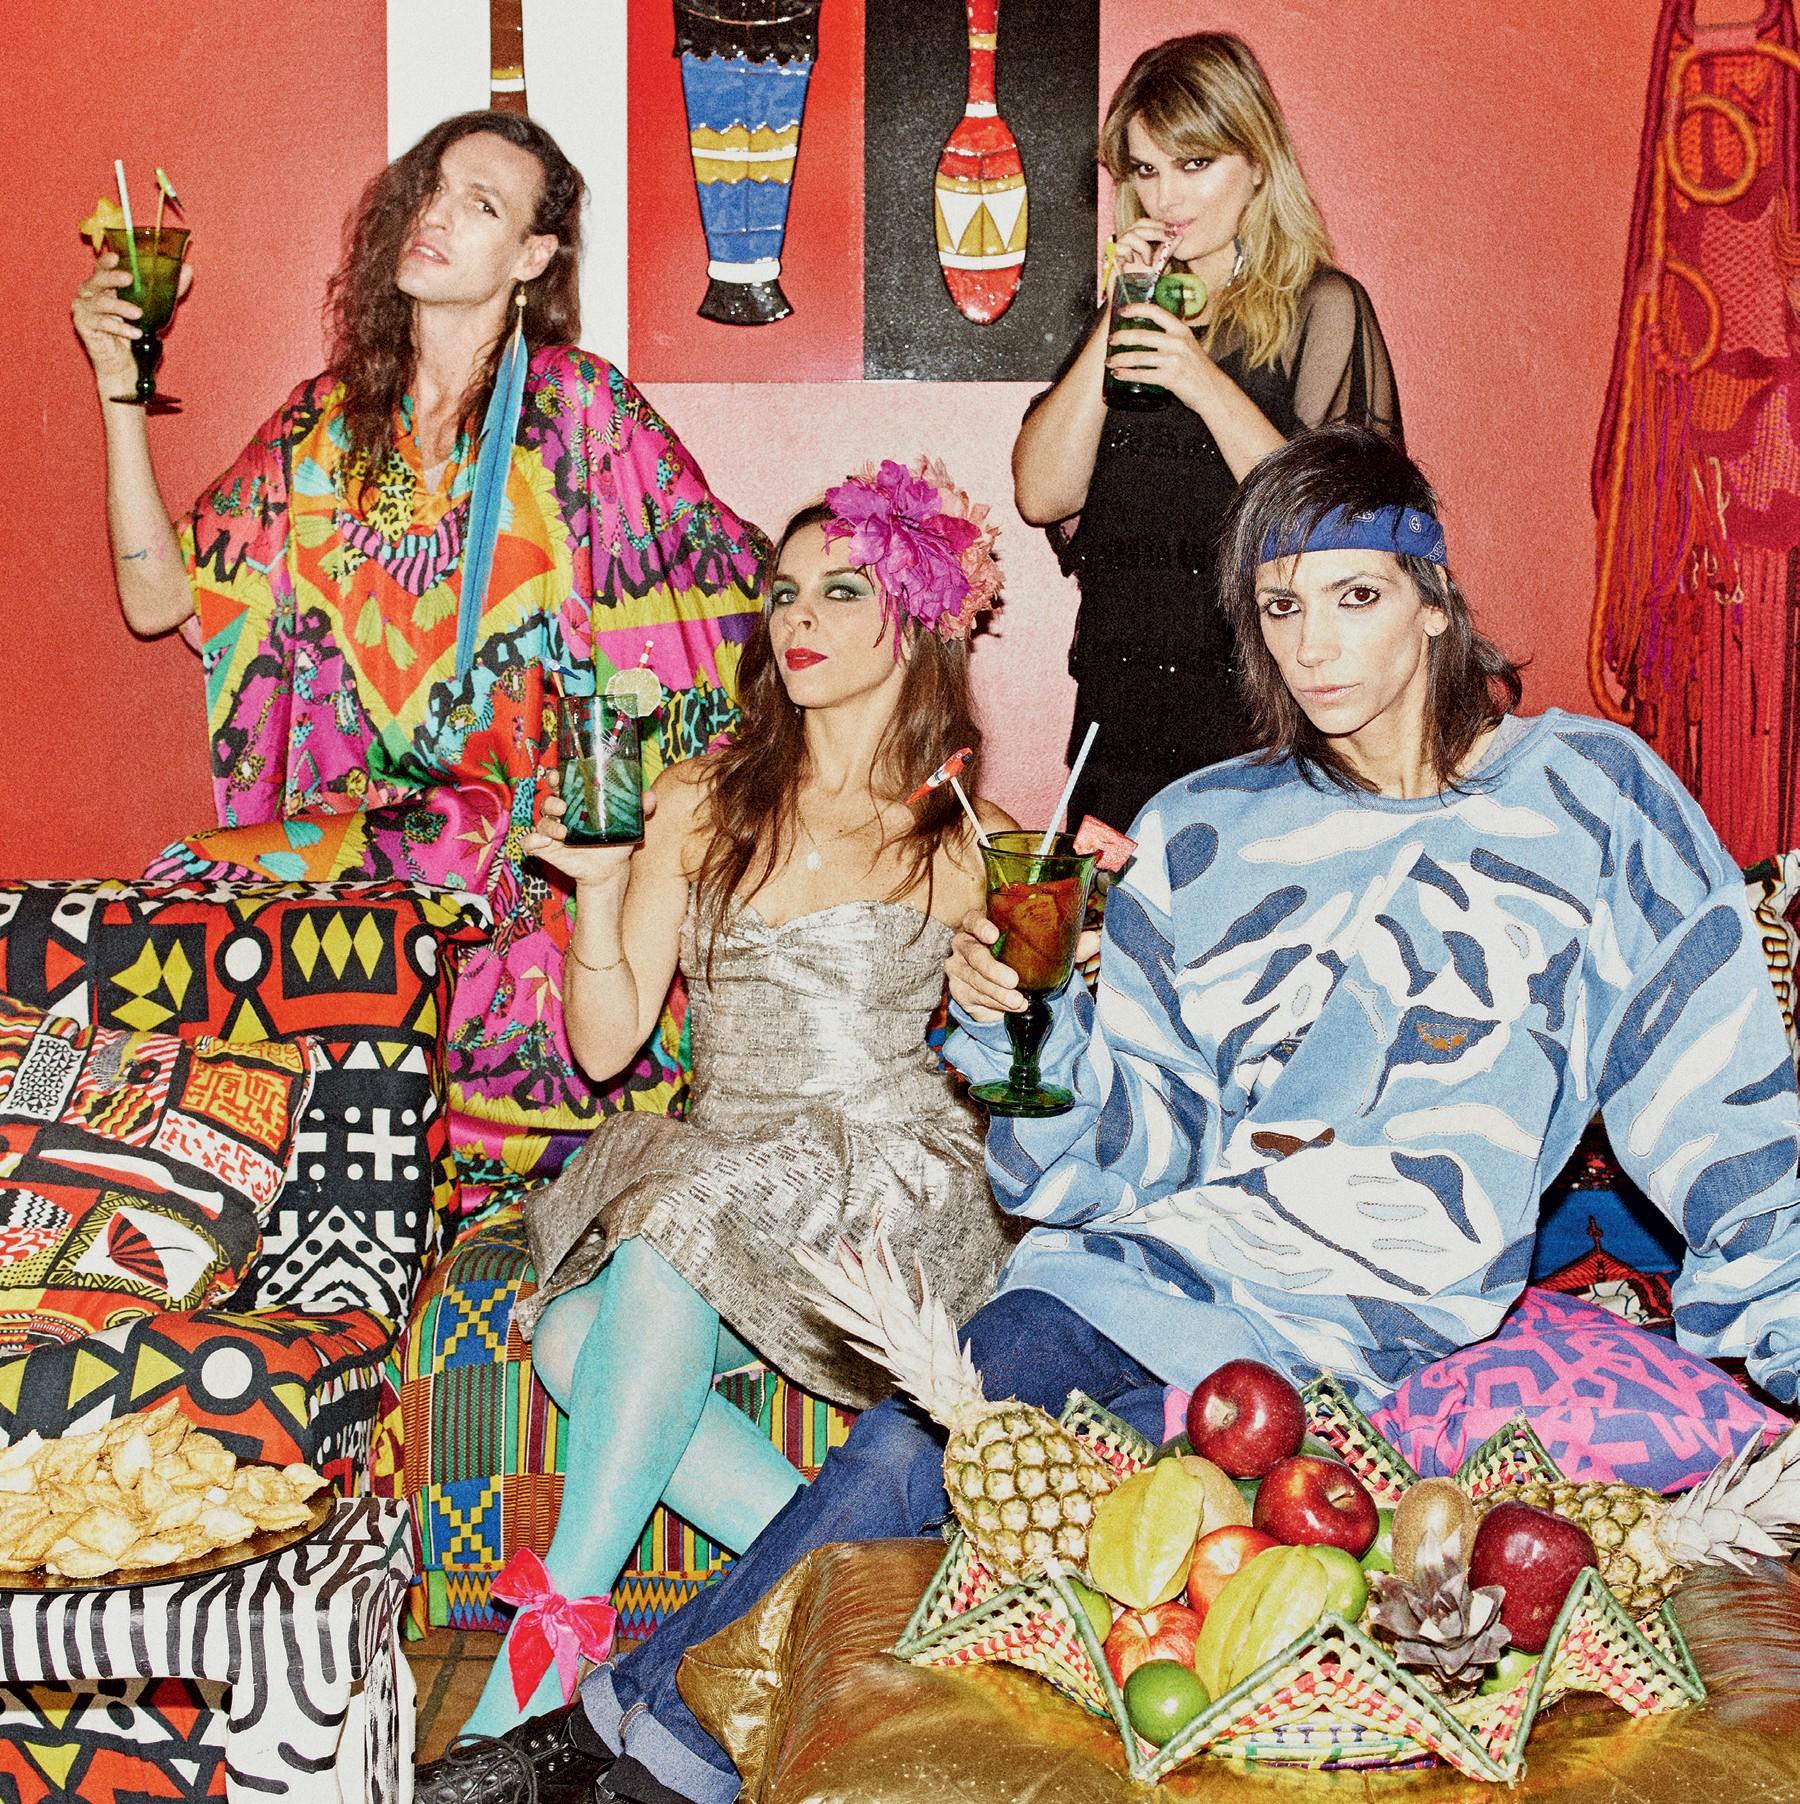 Para animar a festa: três turmas fashion mostram como celebram o fim do ano